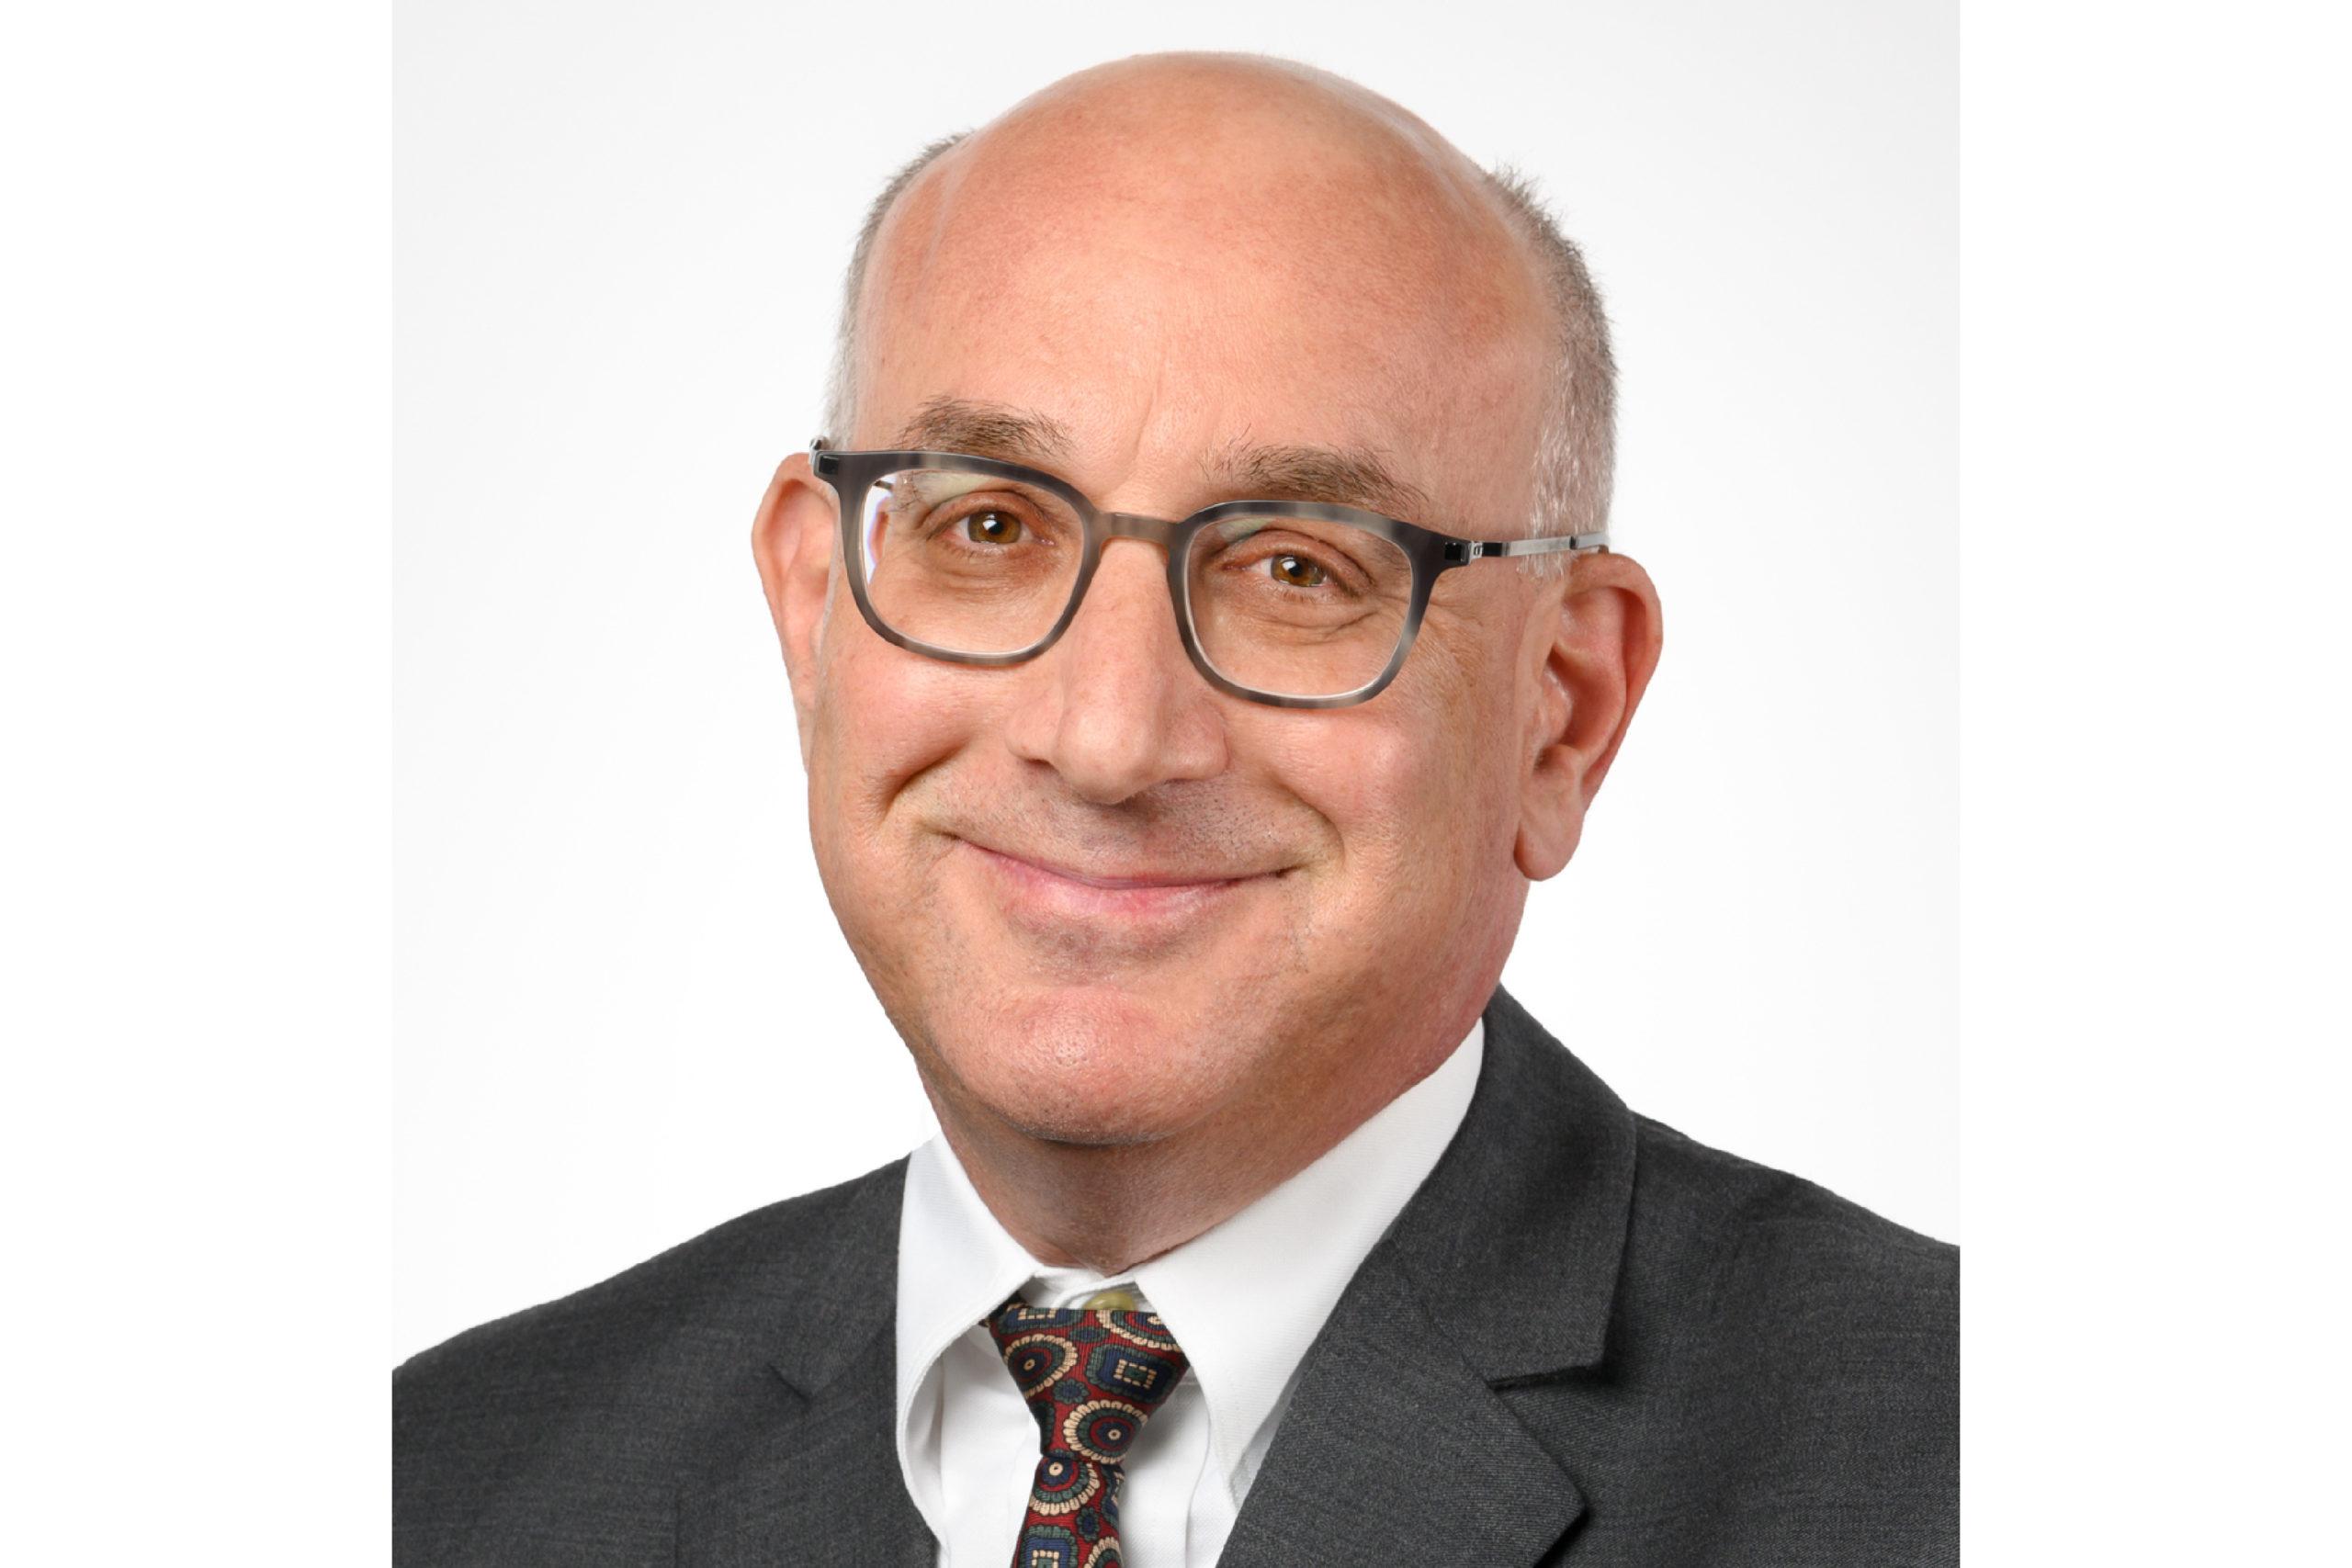 Dr. Eric Rubin